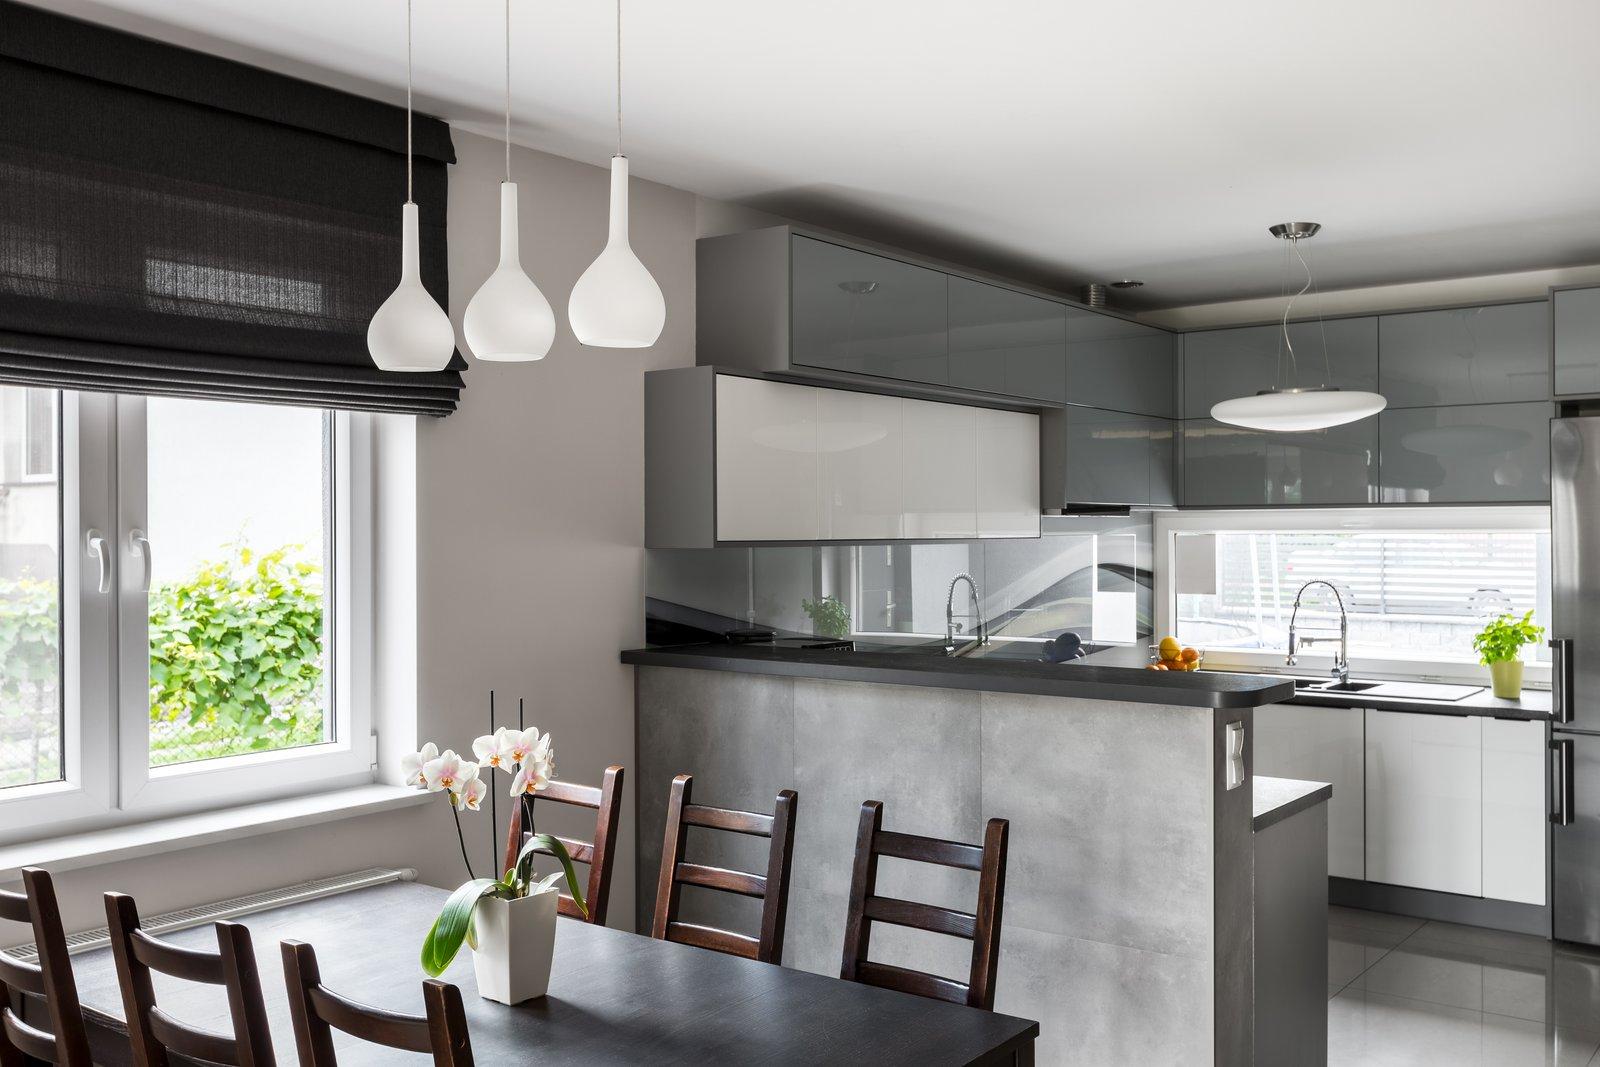 дизайн интерьера кухни студии фотографии